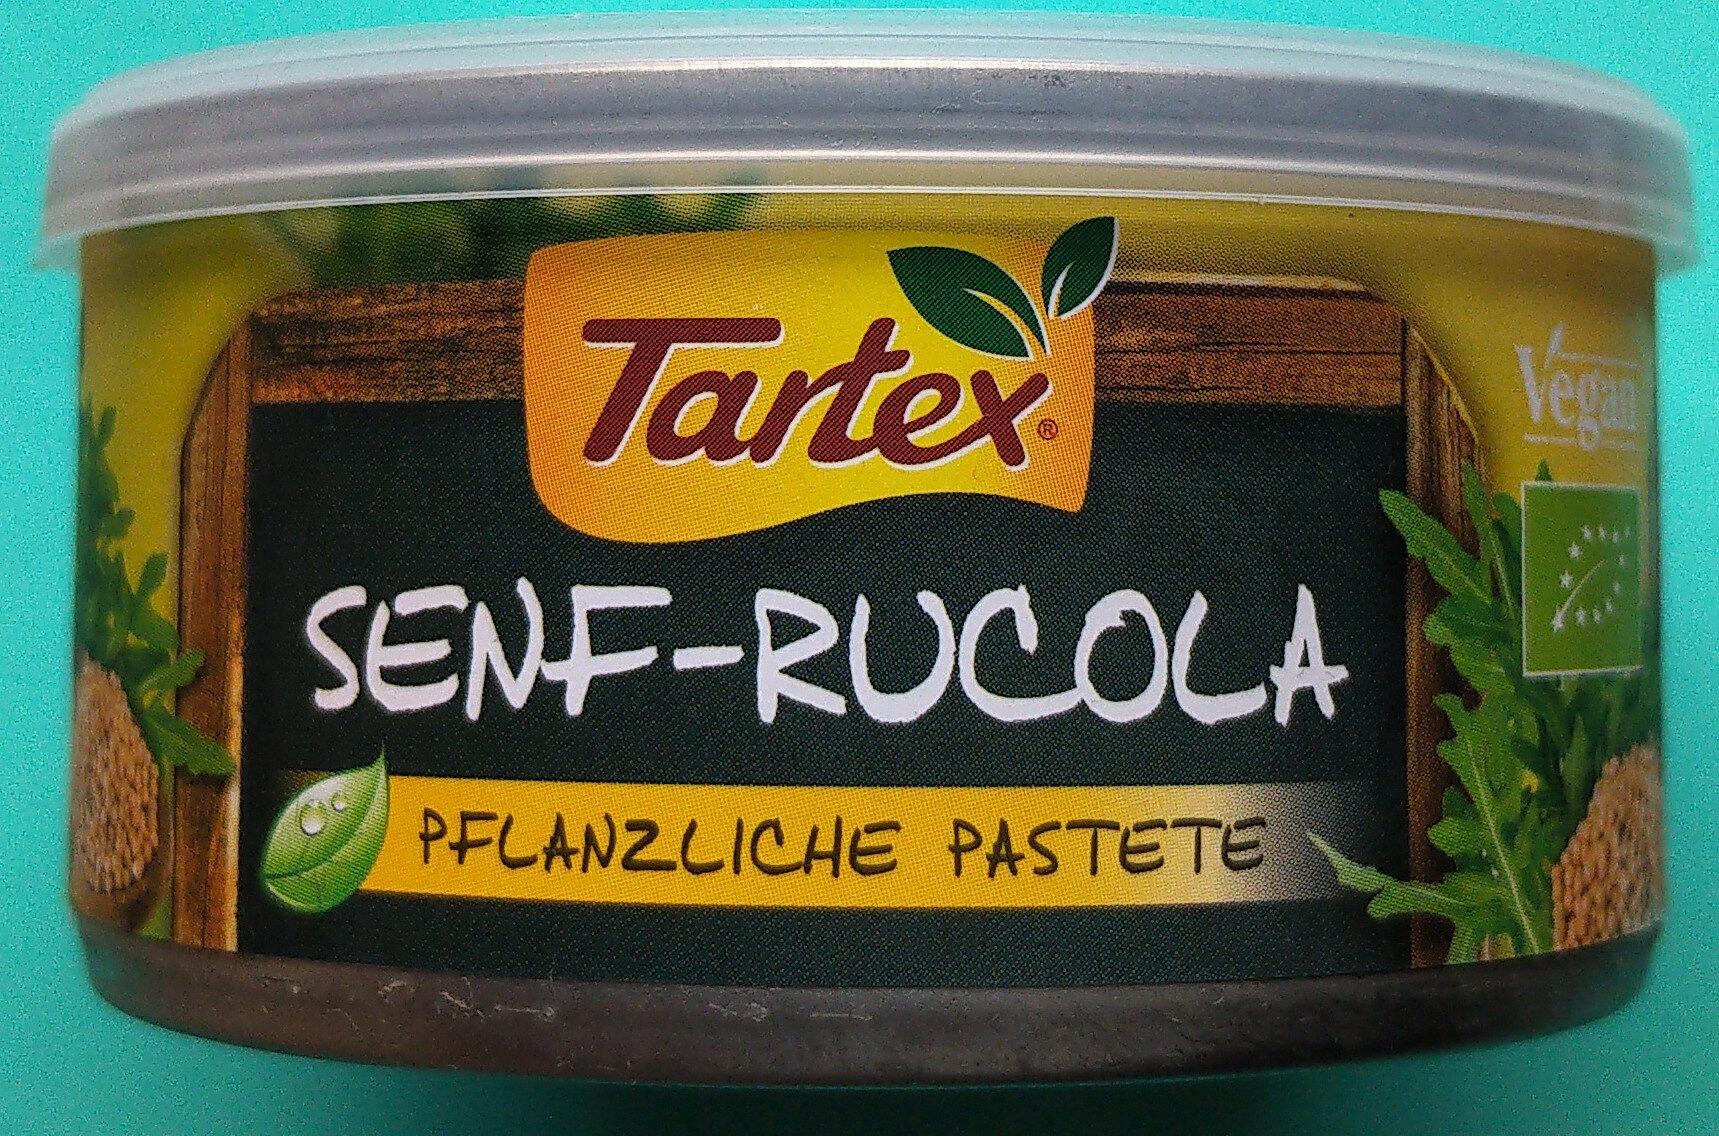 Pflanzliche Pastete Senf-Rucola - Product